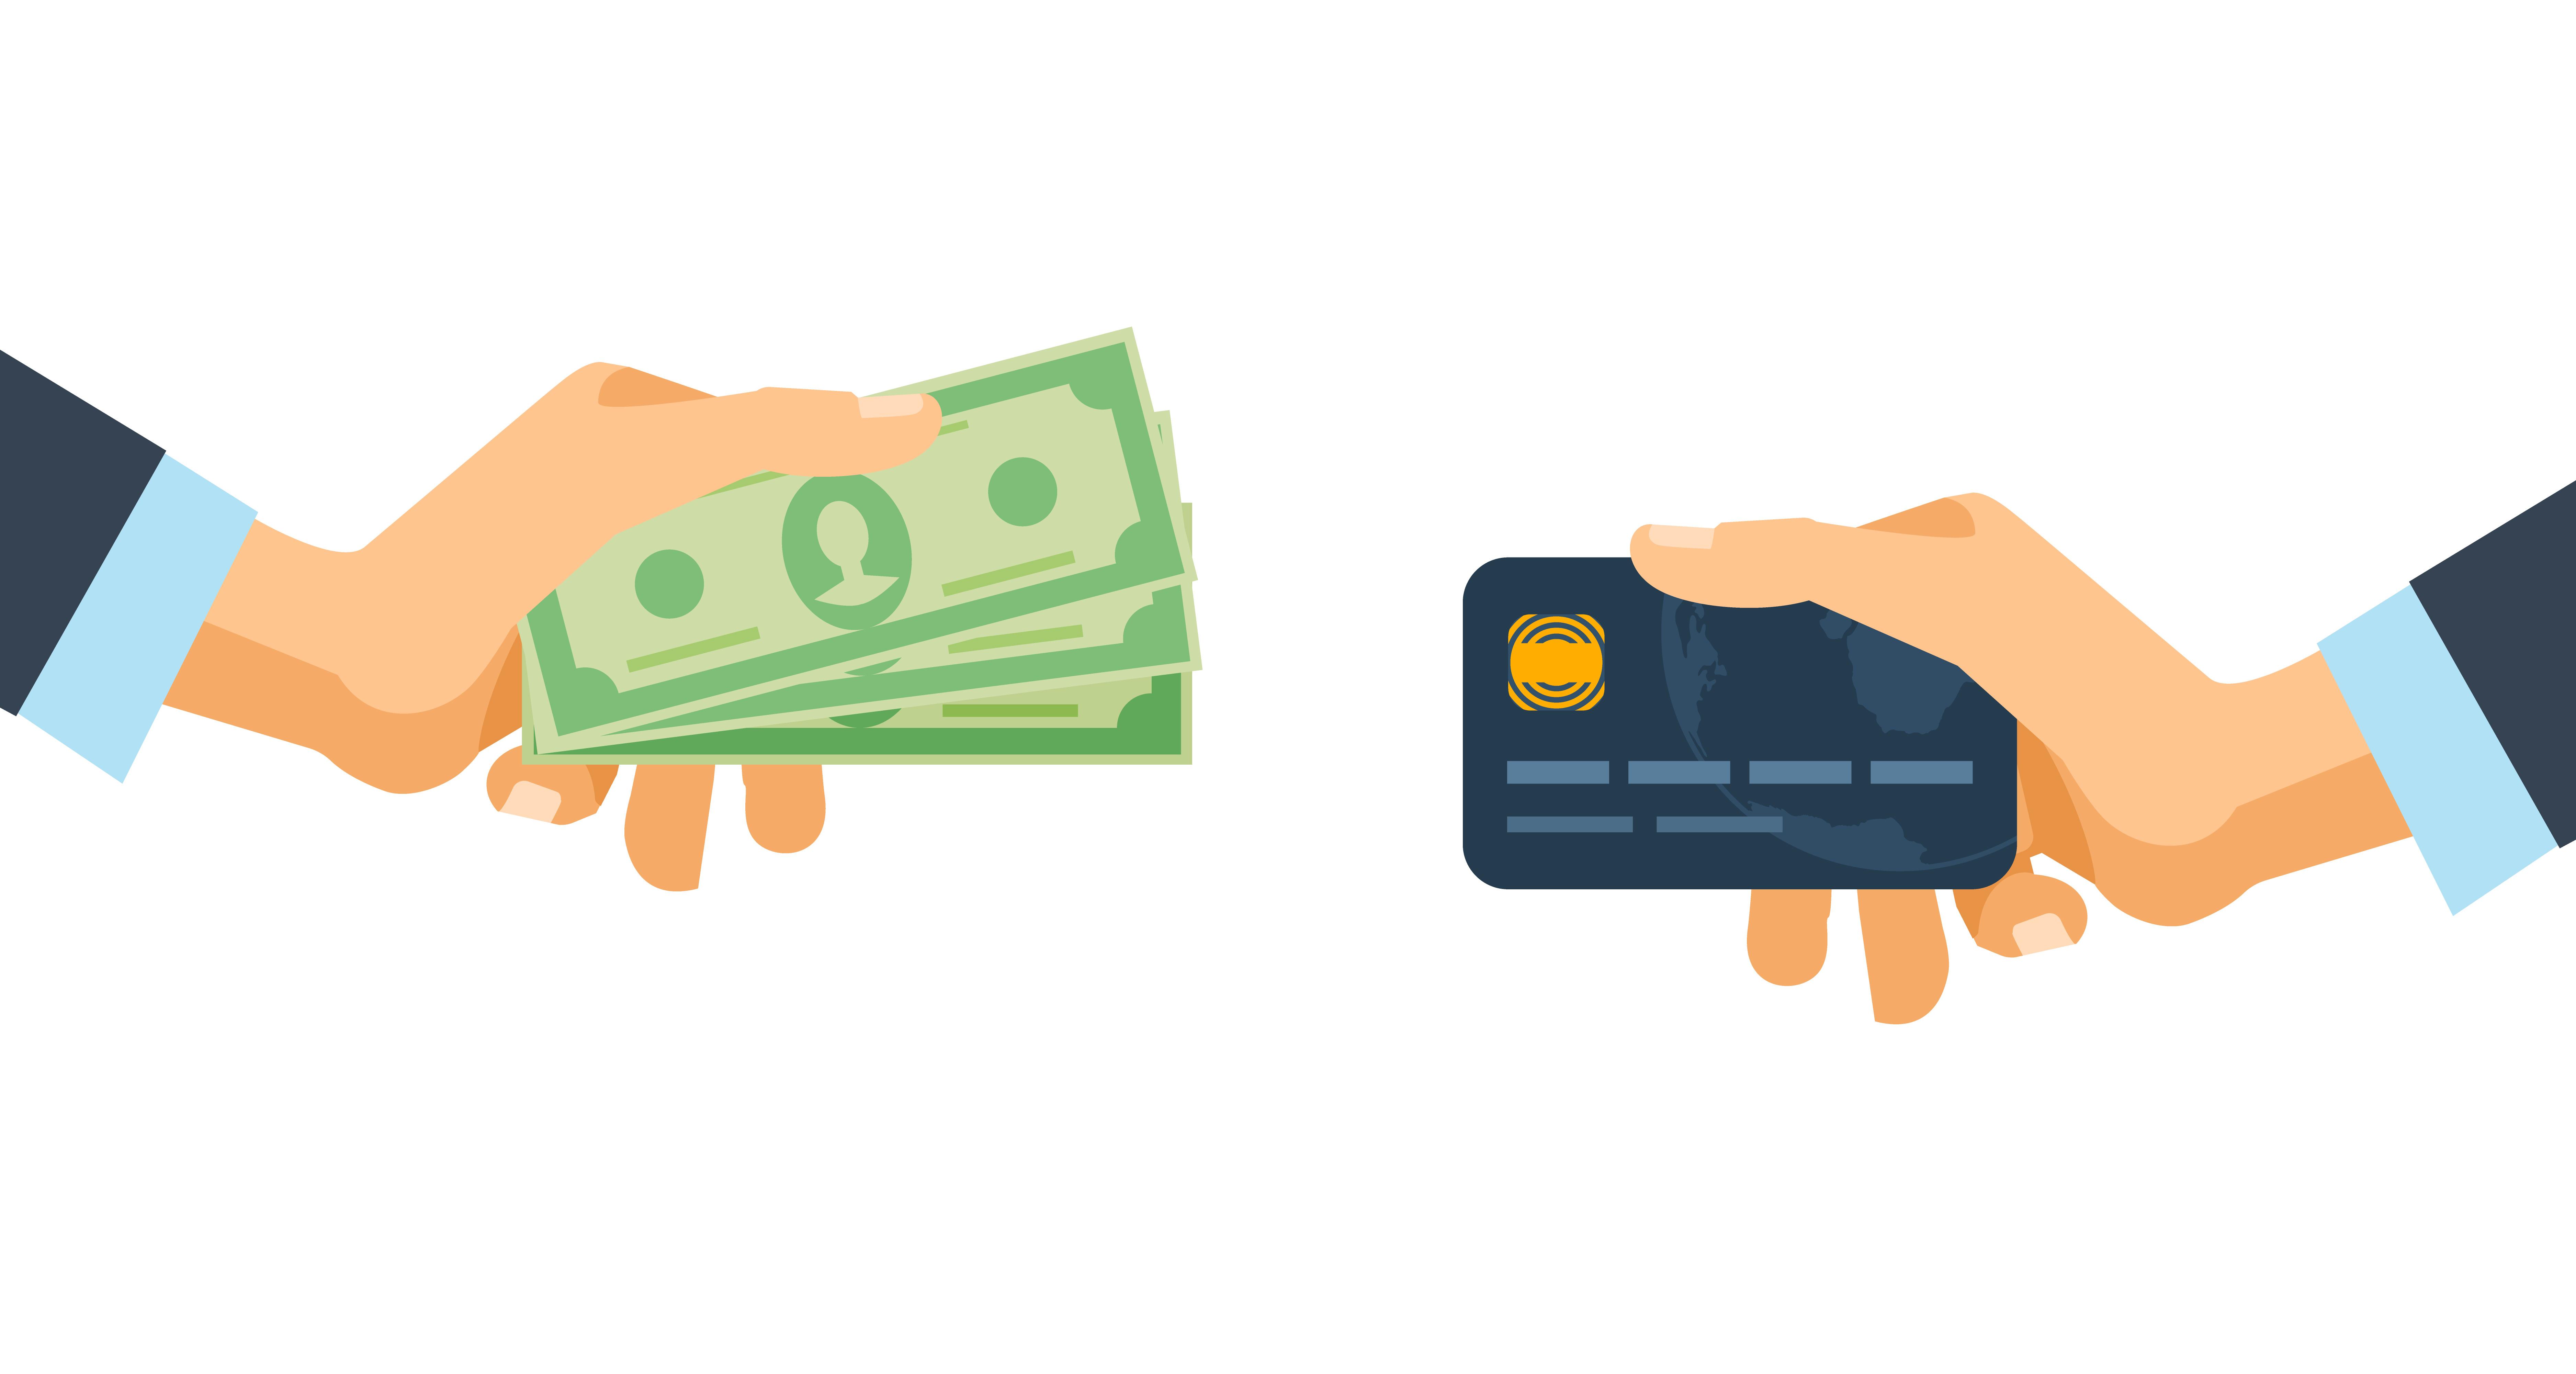 Å velge refinansiering med kredittkortgjeld